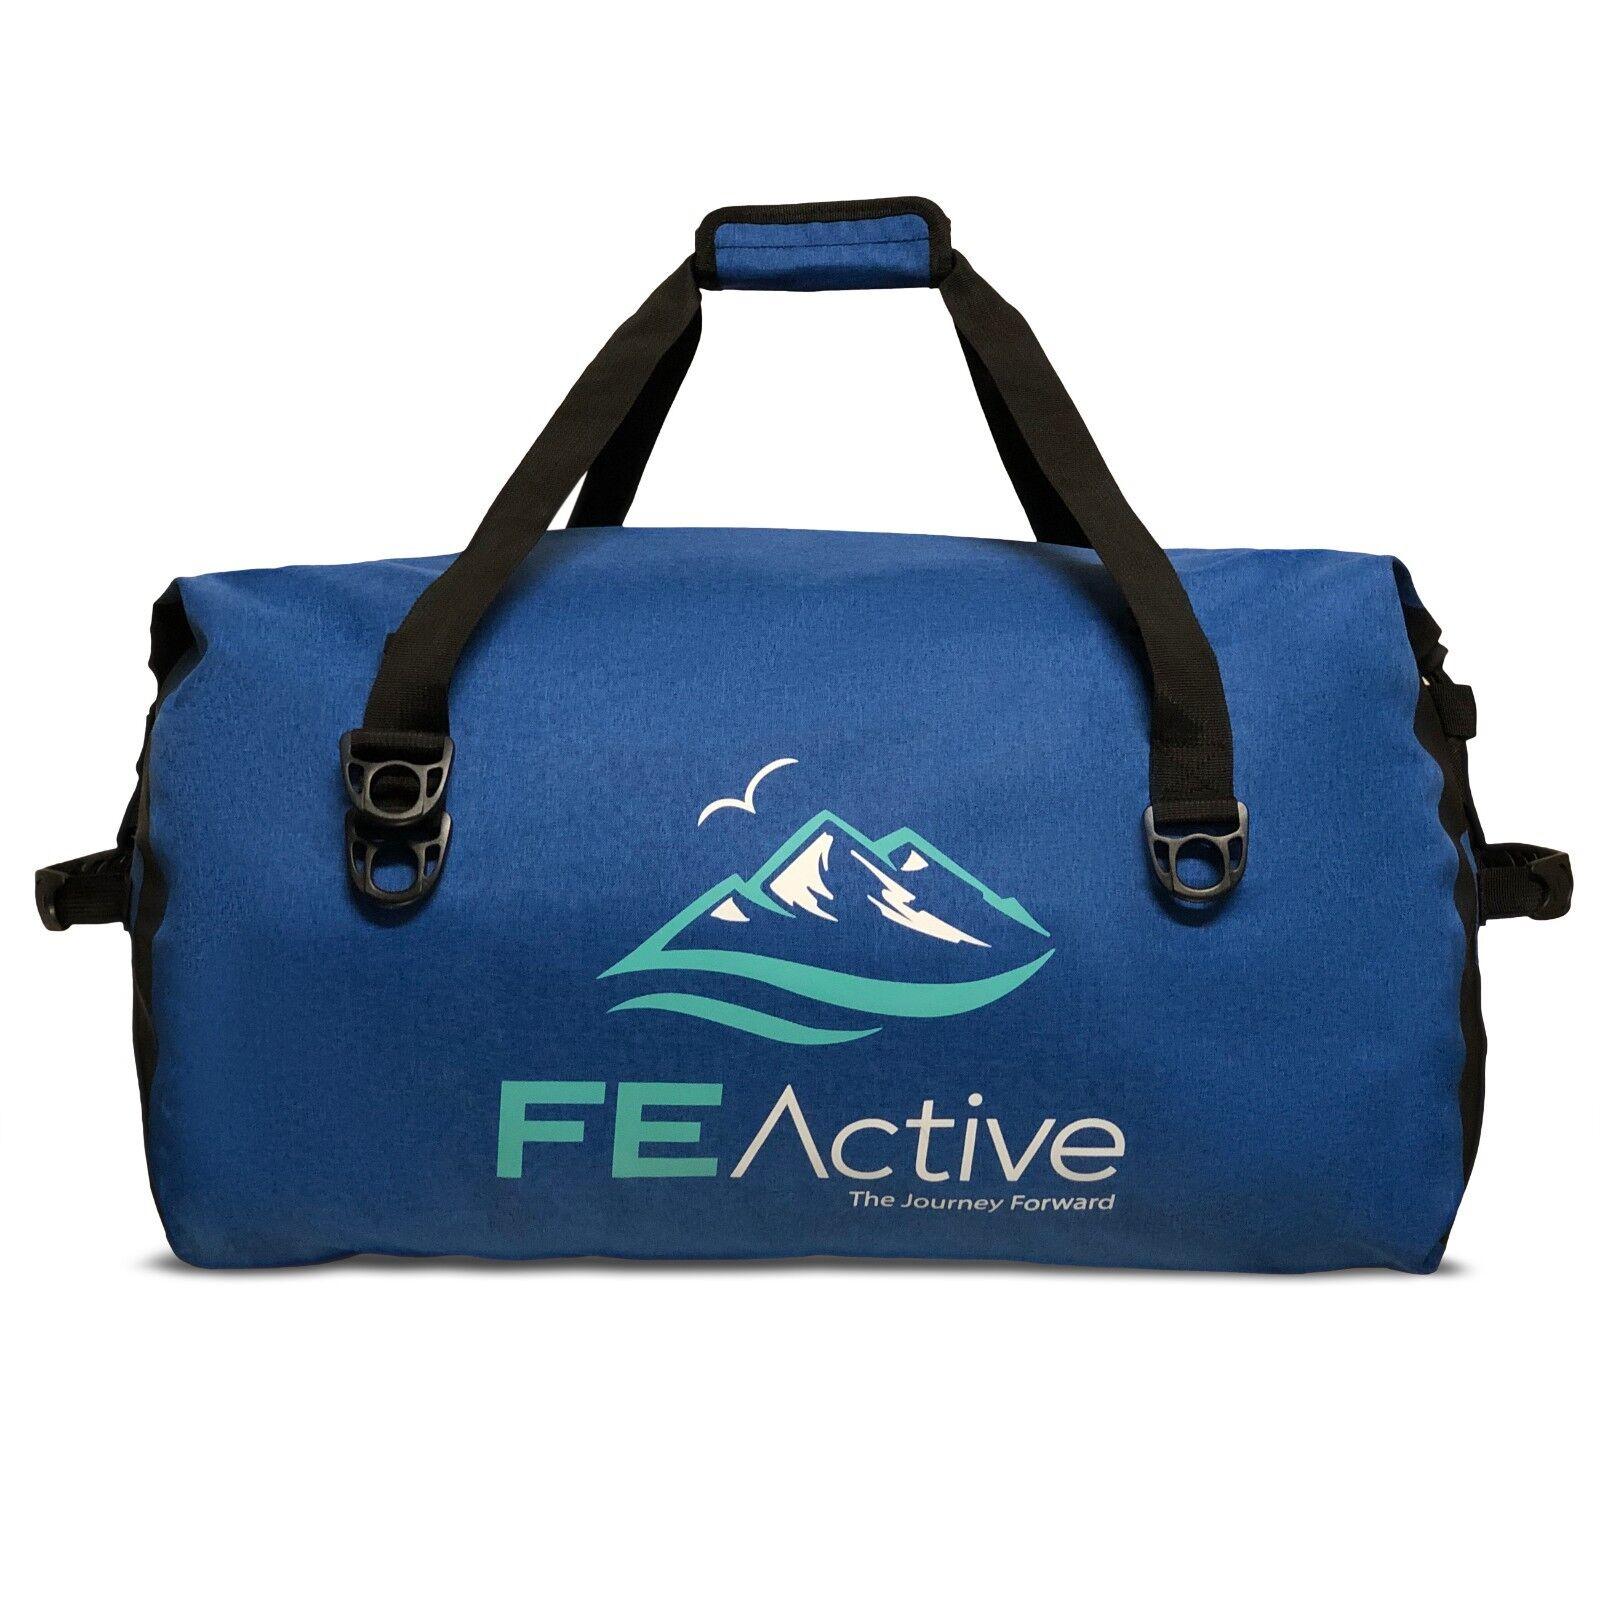 FE Active 60 LITRI Borsone Dry Bag Grande Sacca Impermeabile per viaggio e campeggio